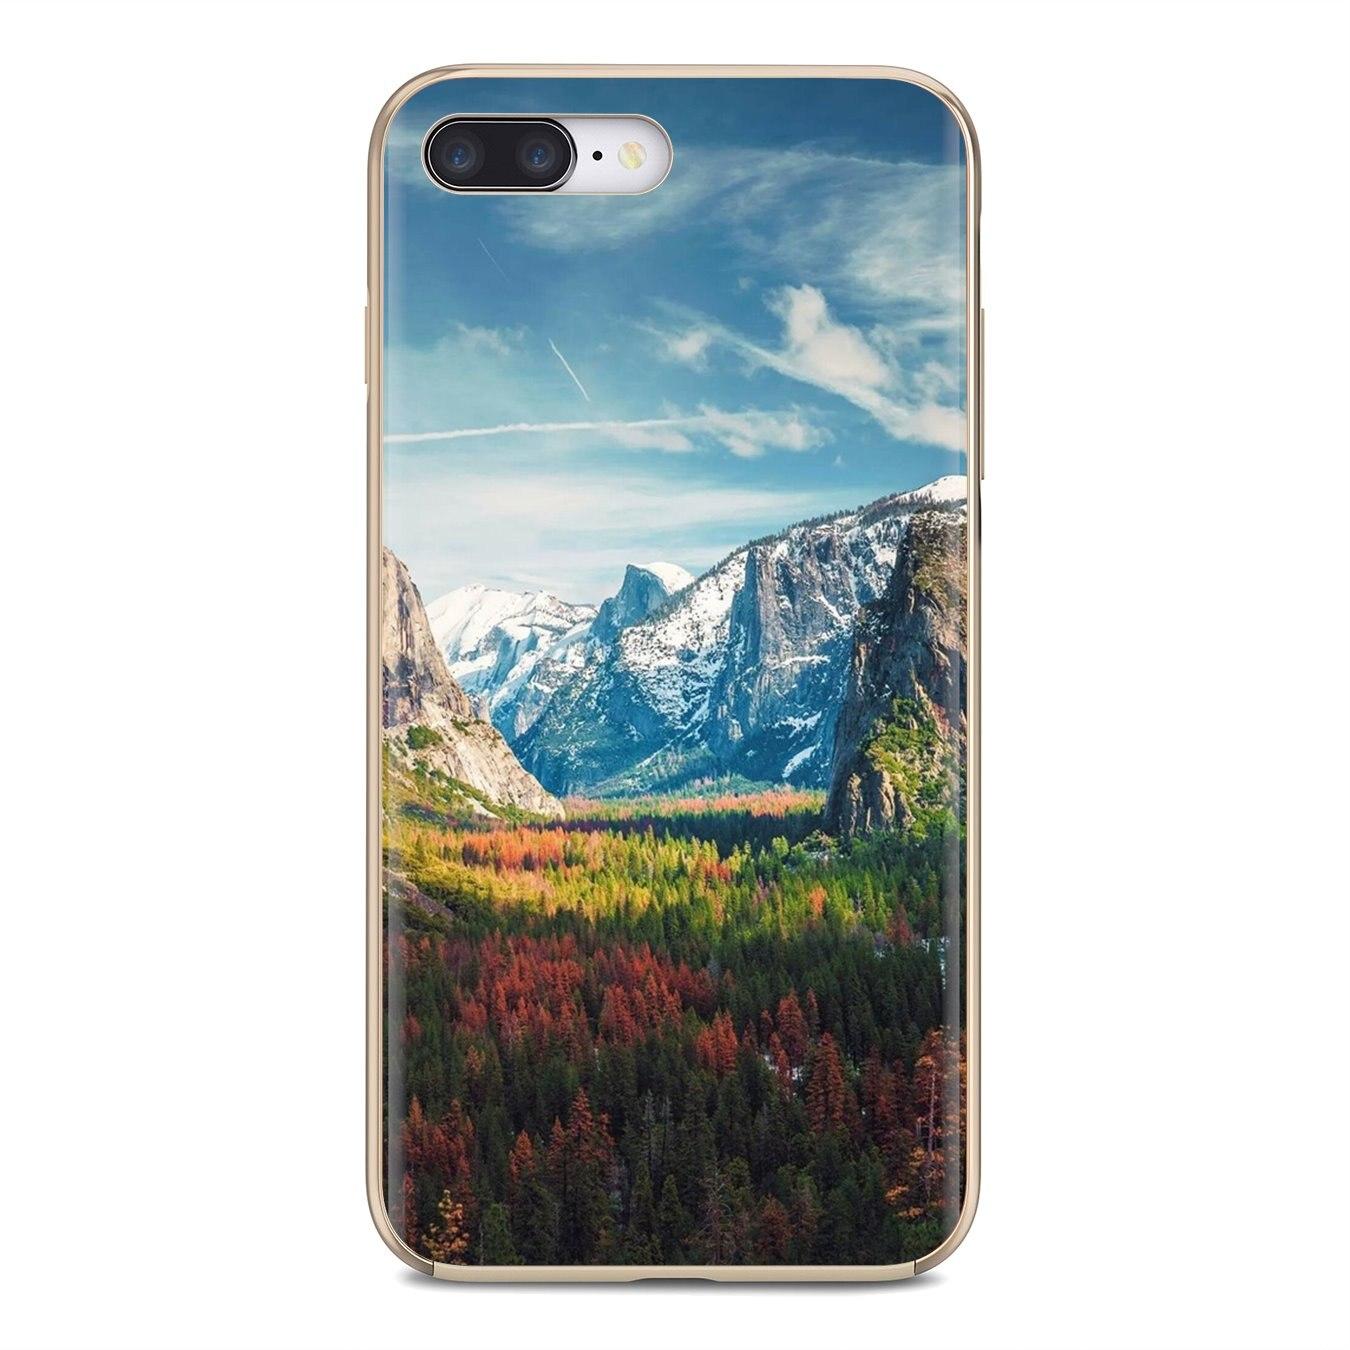 Funda de carcasa blanda Canadá cielo caminando en el monte Nimbus para Huawei Mate Honor 4C 5C 5X 6X 7 7A 7C 8 9 10 8C 8X 20 Lite Pro